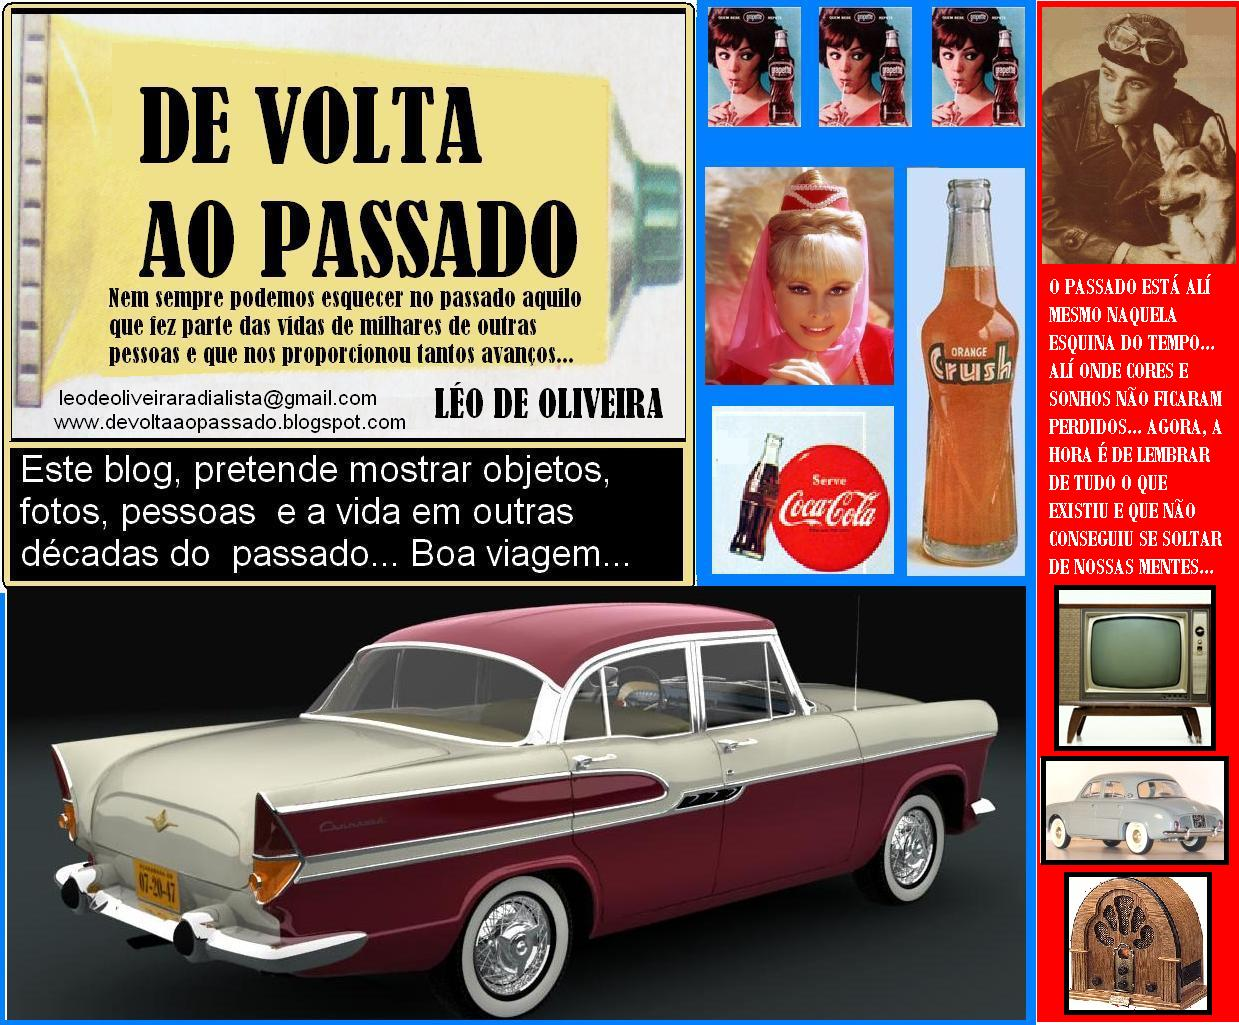 DE VOLTA AO PASSADO